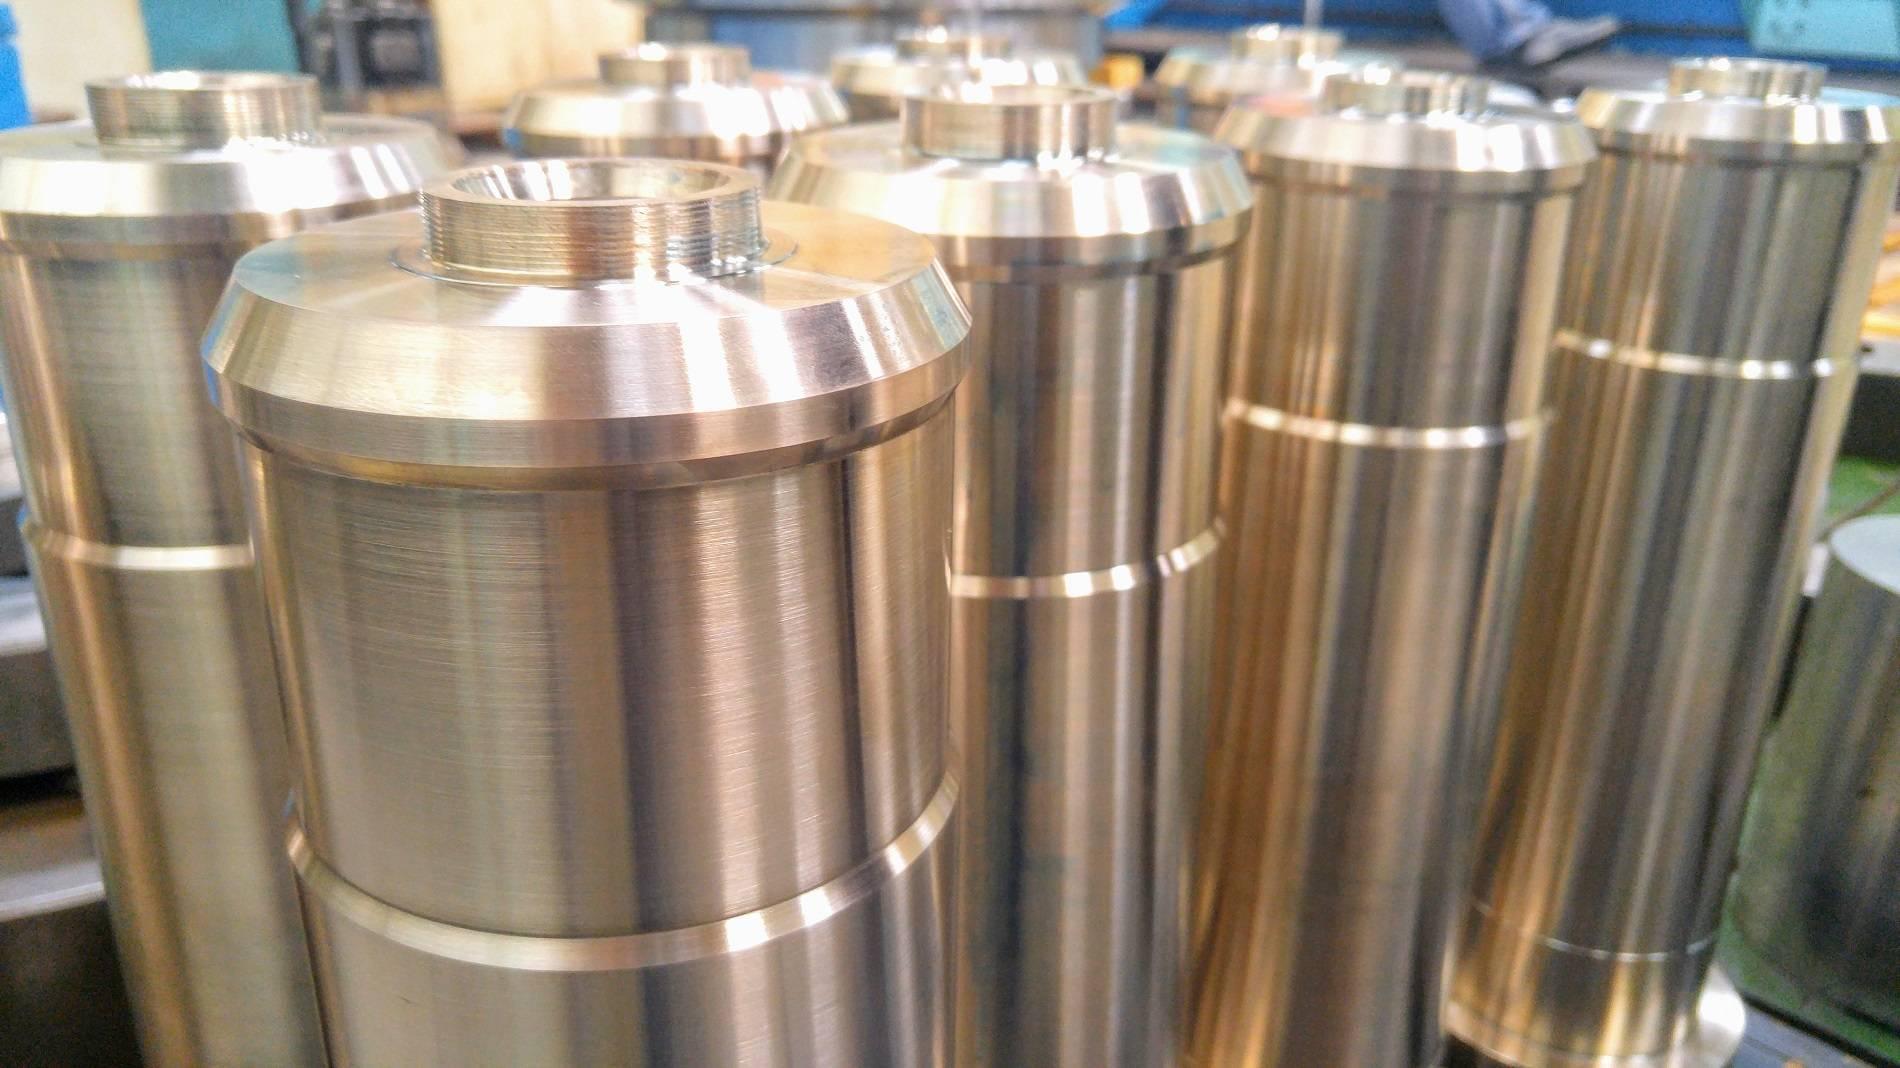 Hiduron 130 used in Brazilian project